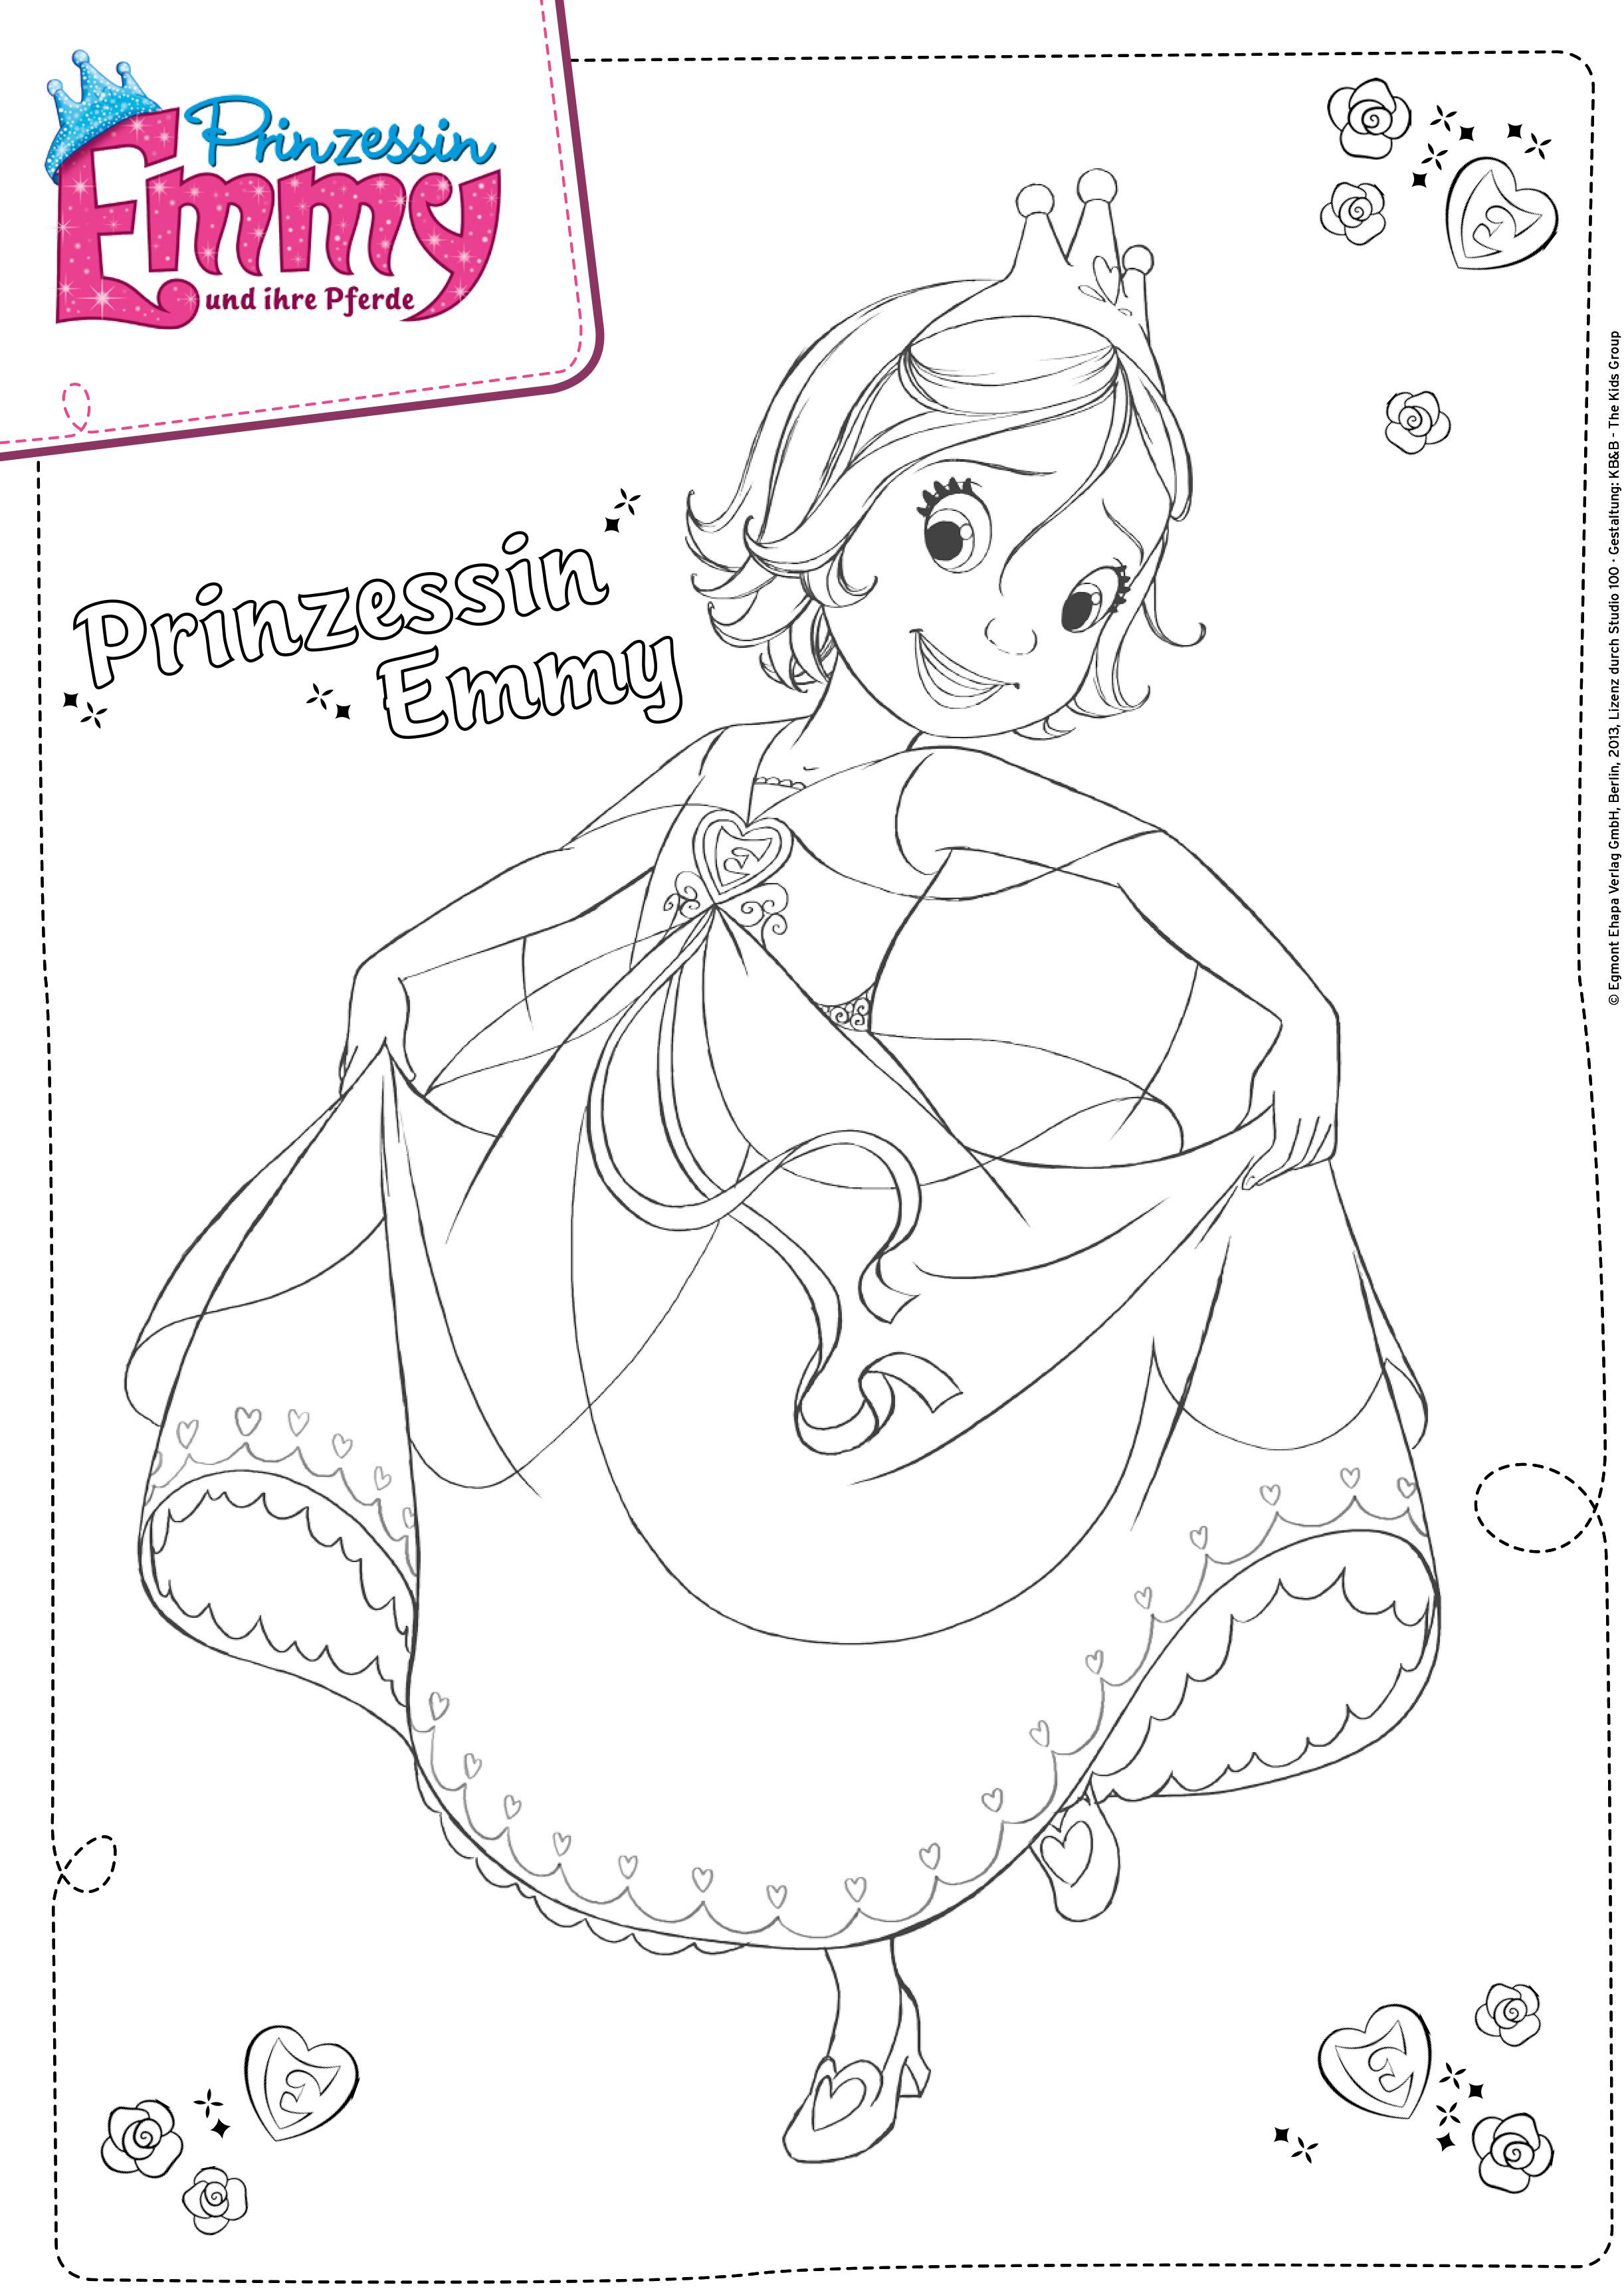 Einfach auf Prinzessin Emmy Malvorlage klicken über den Prinzessin Emmy Download ausdrucken und ausmalen Viel Spaß damit